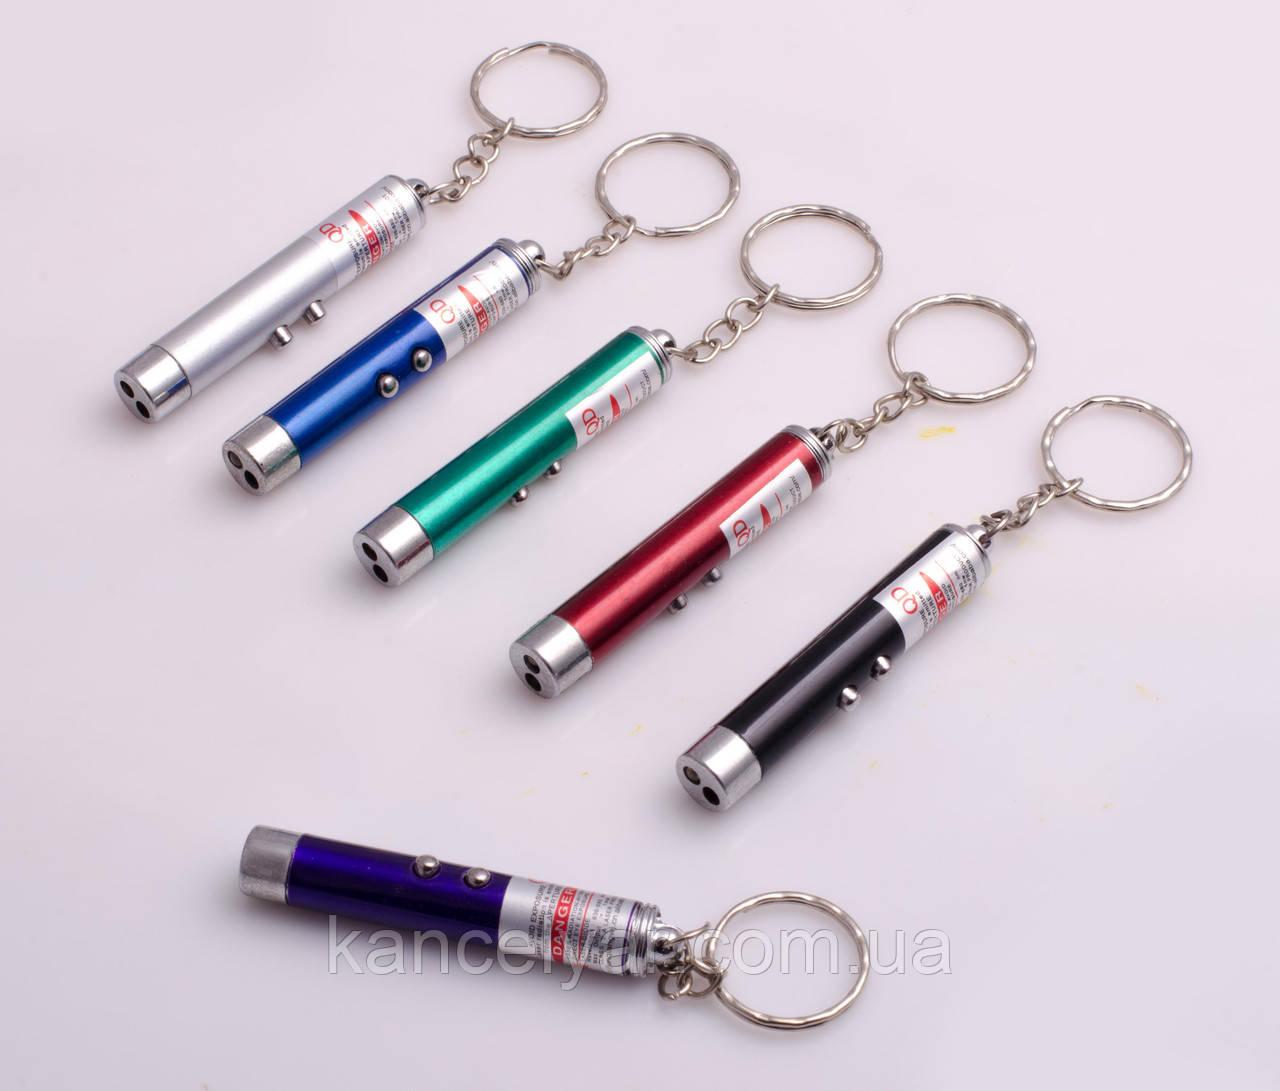 Брелок для ключей - лазерная указка, 3 в 1: брелок, фонарик, лазер, в ассортименте